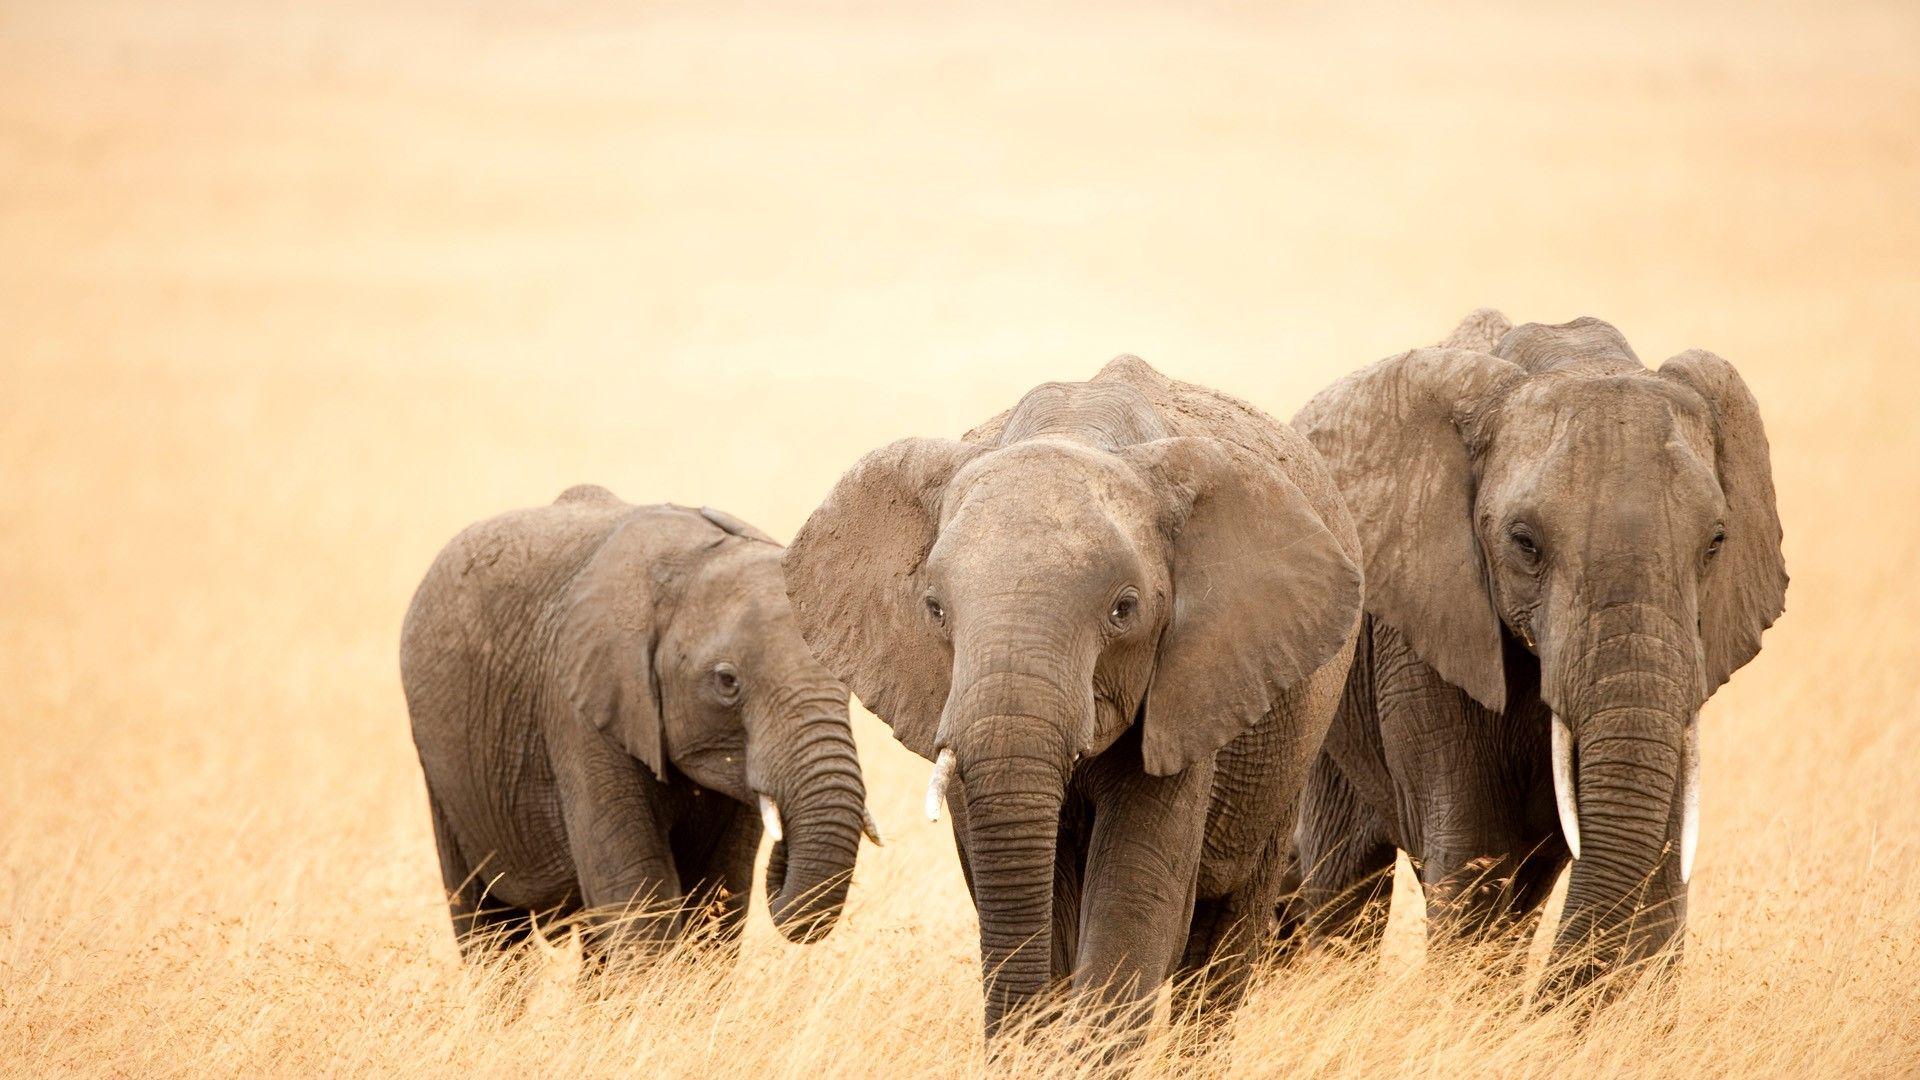 wallpapers of elephants